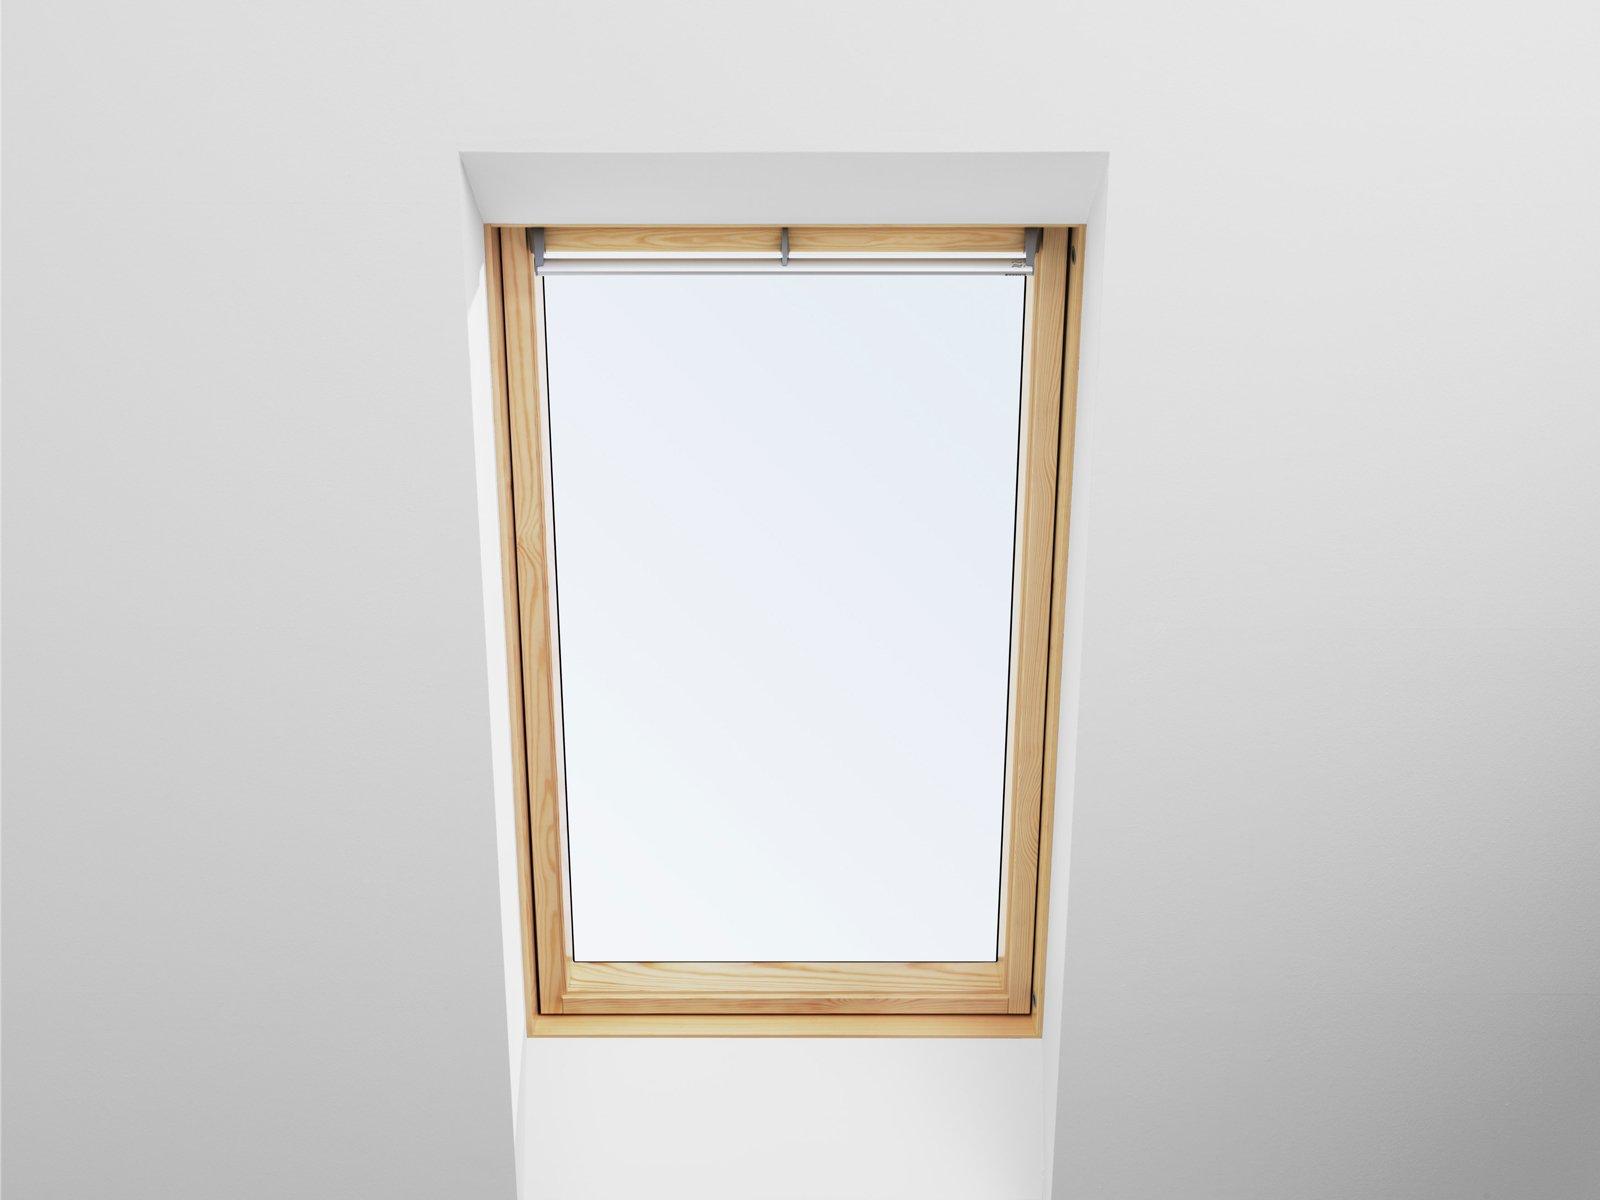 Casa pi sicura se il tetto anche garantito cose di casa for Finestre velux gpl